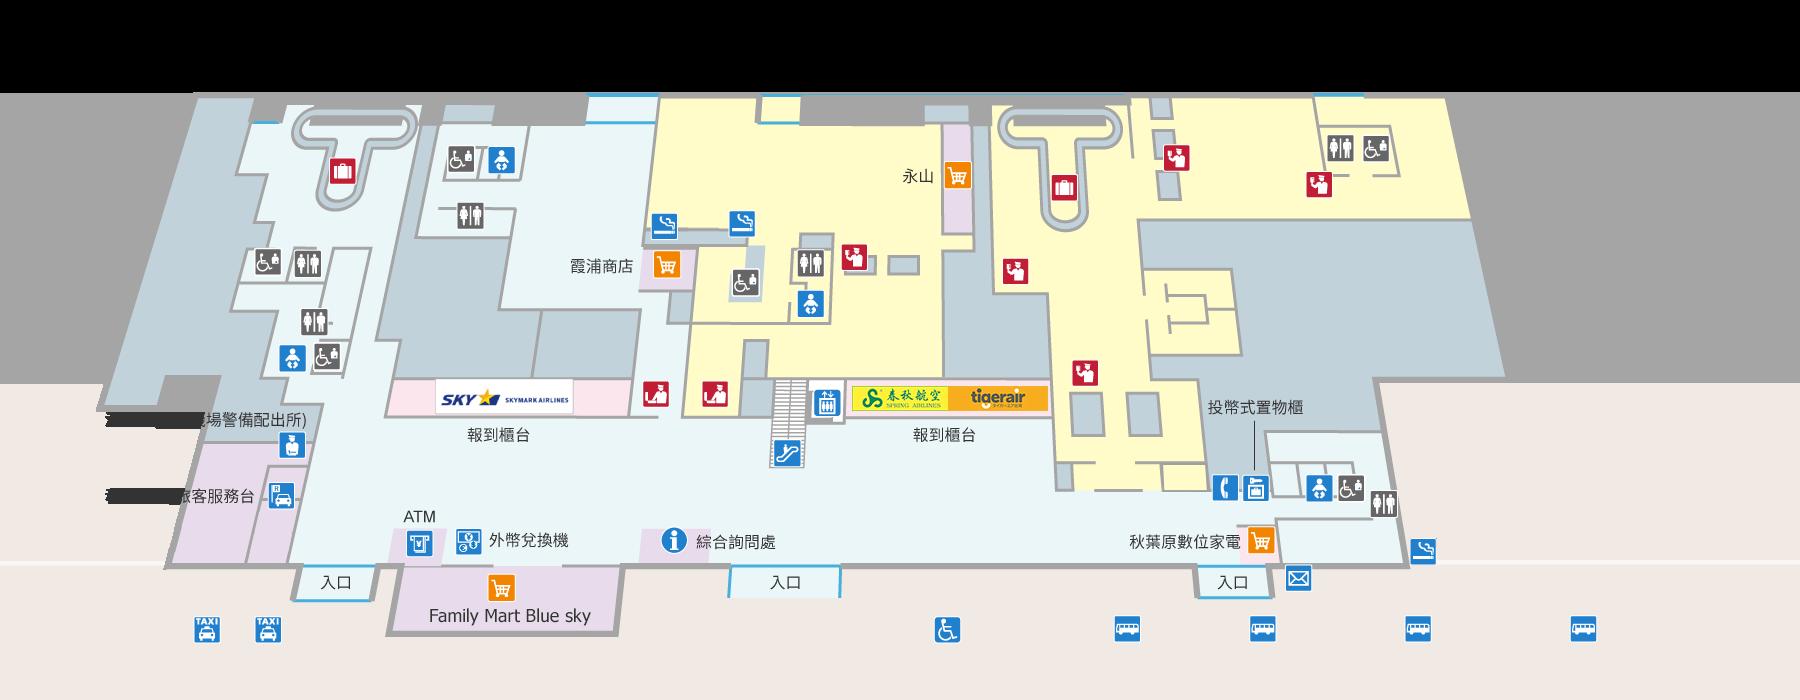 ターミナルビル1F(繁体字)